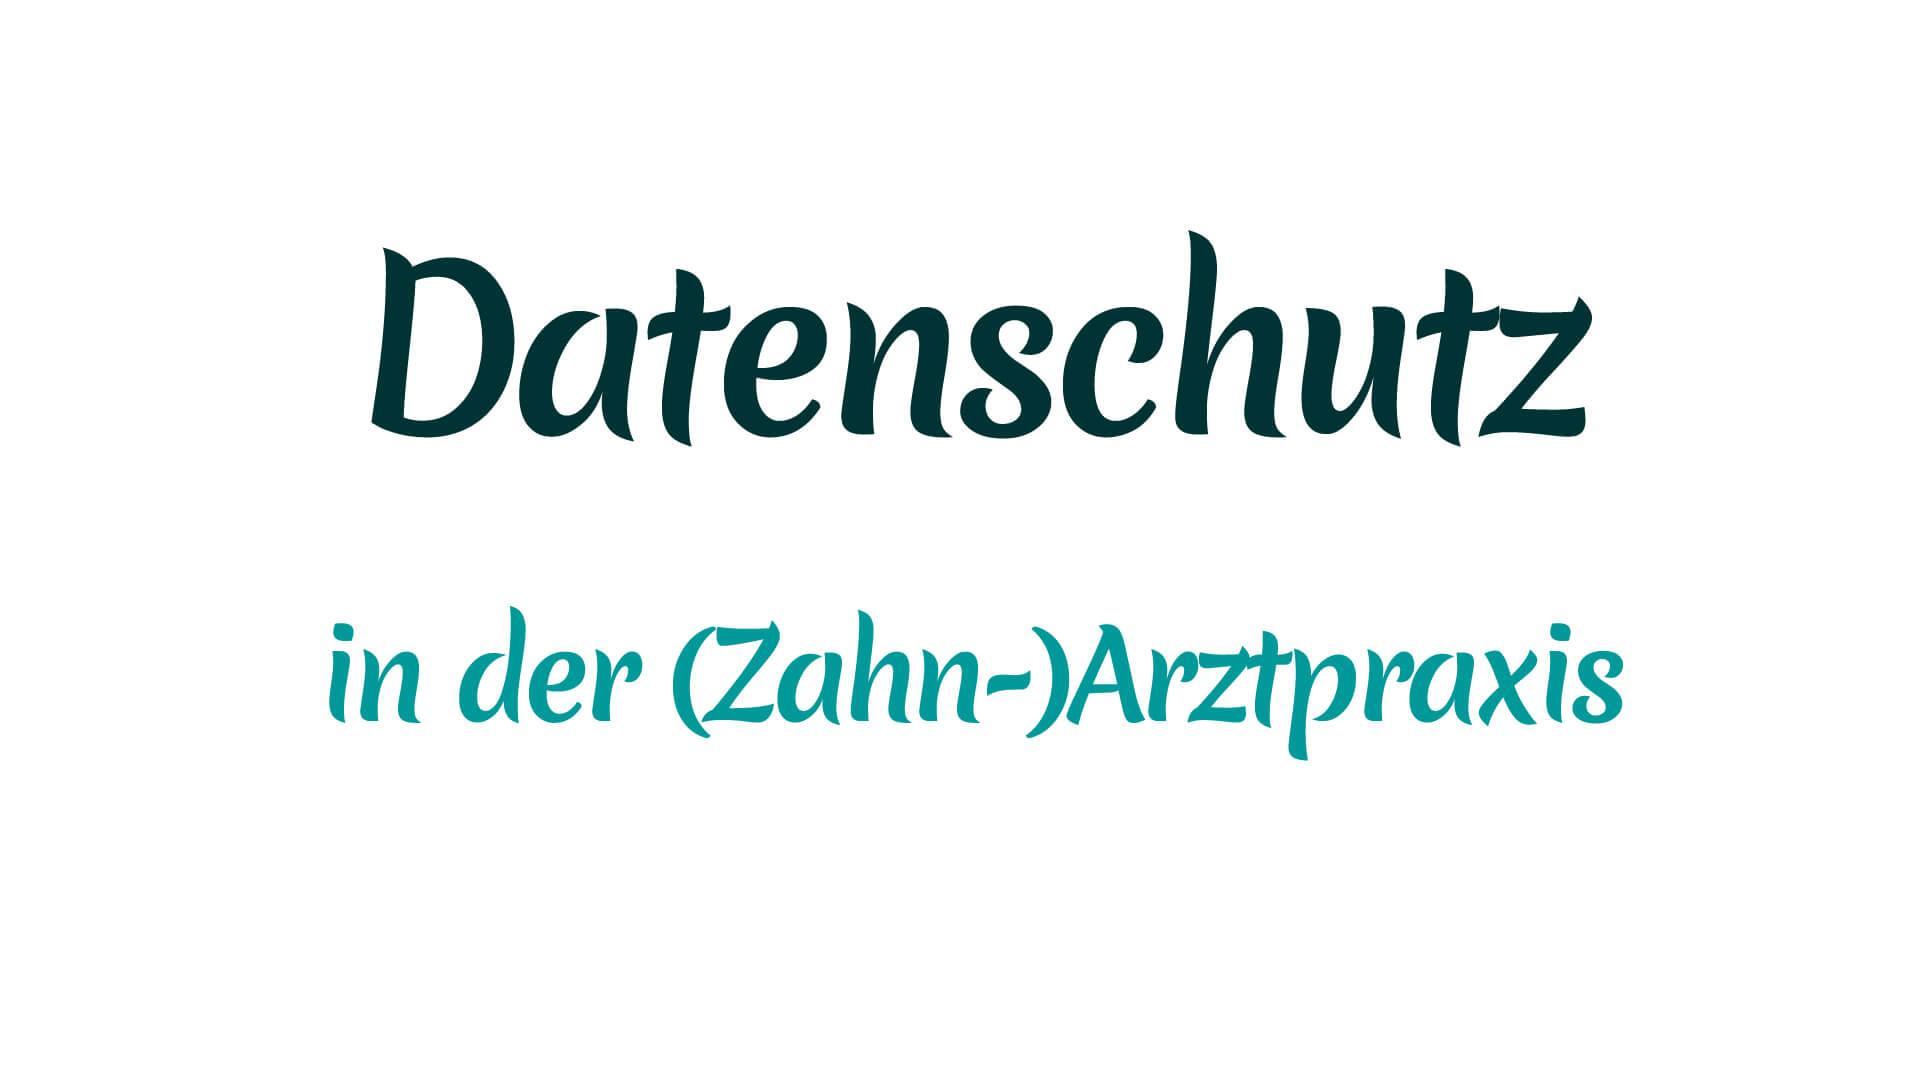 Datenschutz in der (Zahn-)Arztpraxis mit Heike Mareck